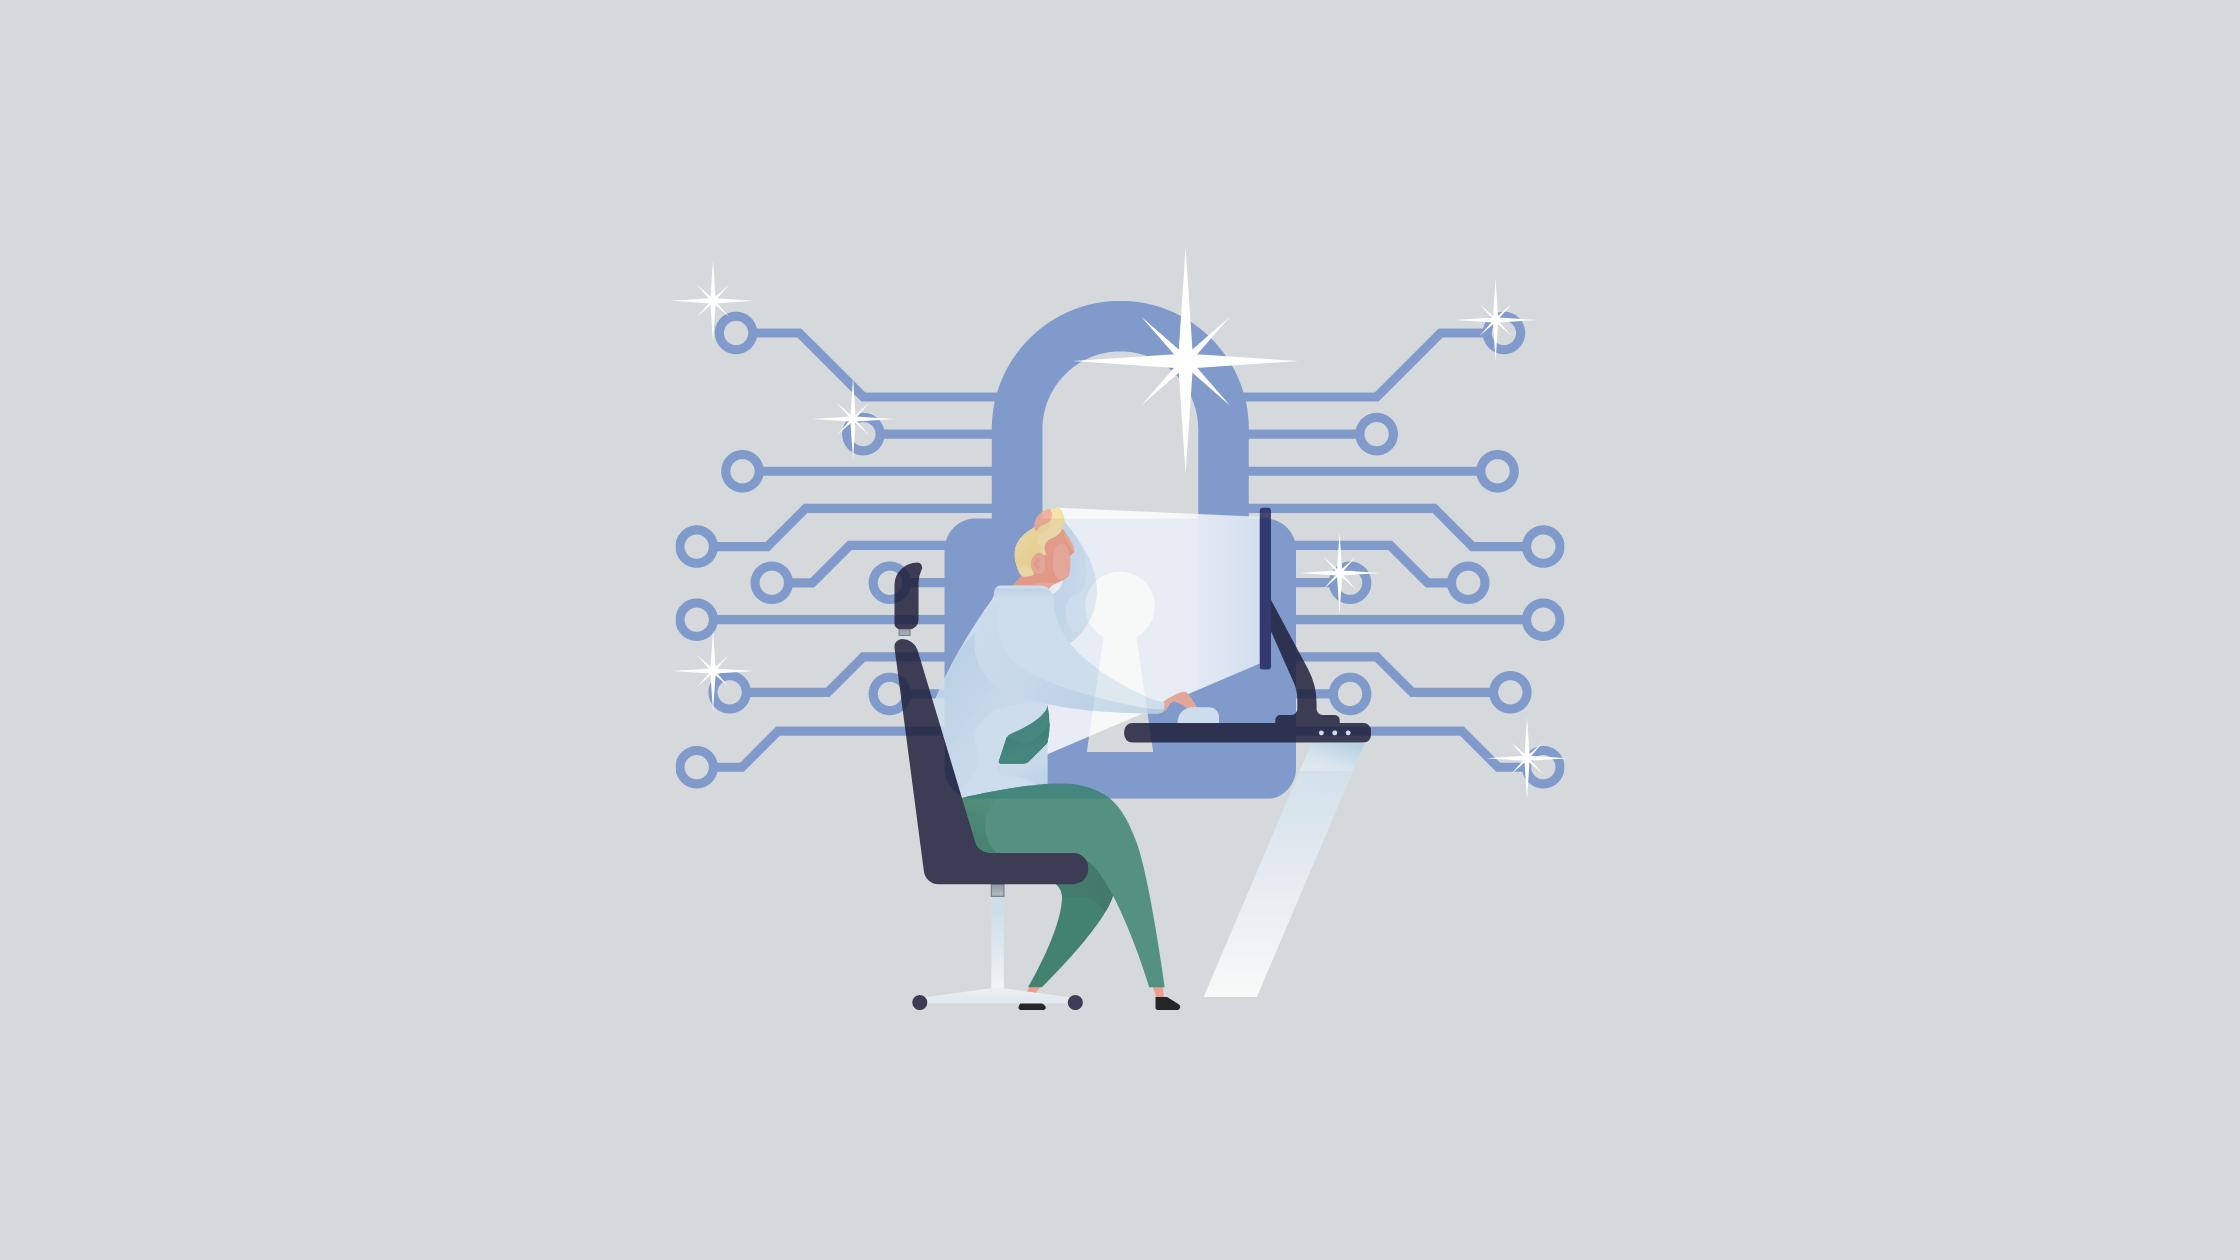 Un sistema CIAM (Identity Access Management) simplifica el proceso de registro en sitios web o aplicaciones permitiendo ingresar con una cuenta de redes sociales.